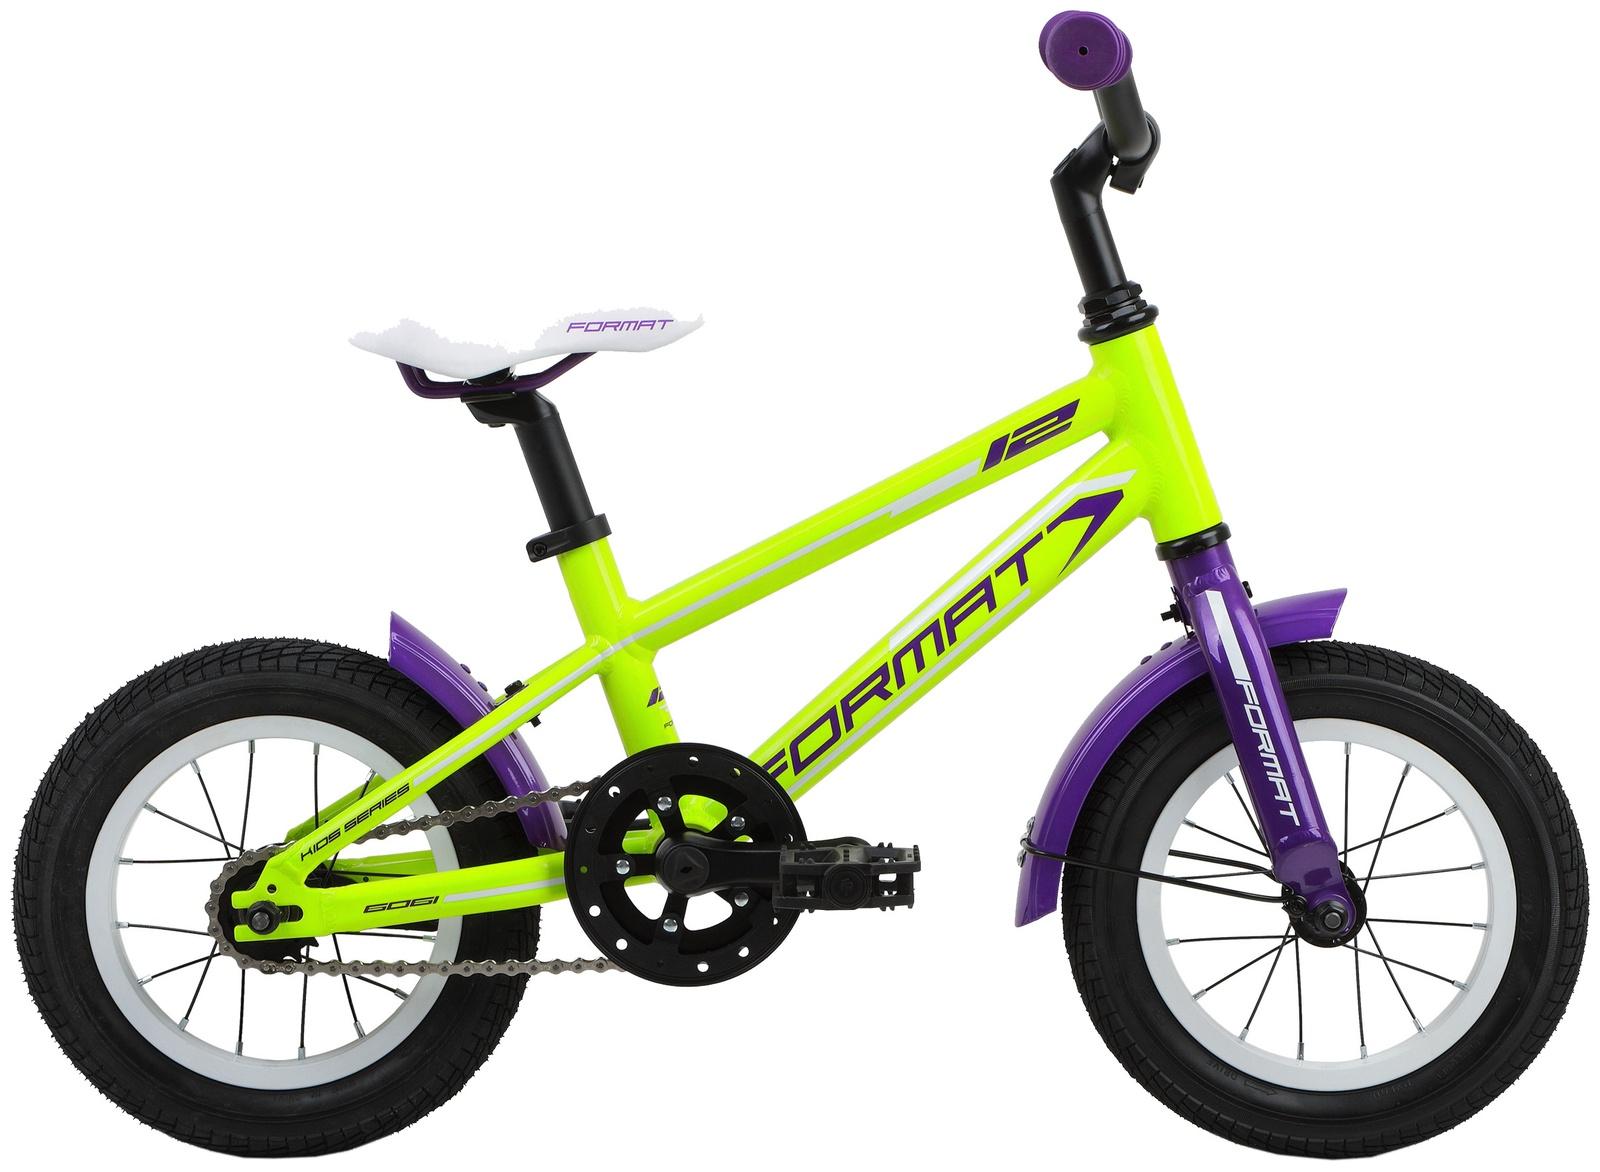 Велосипед Format Kids girl 12, RBKM7L6E1002, желтый format велосипед format 6422 girl 2017 желтый 13